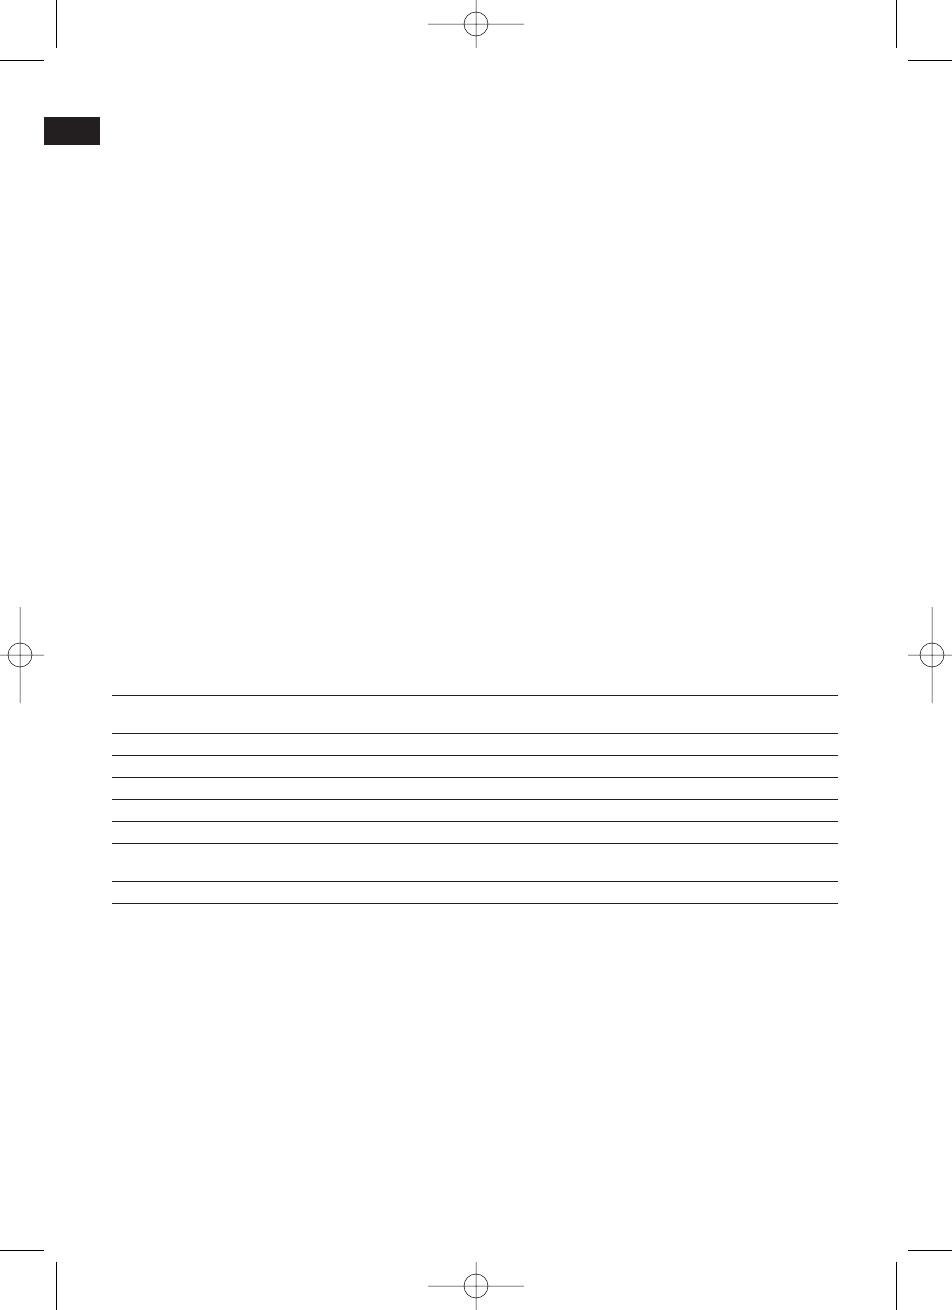 инструкция к микроволновке clatronic mwg 731h